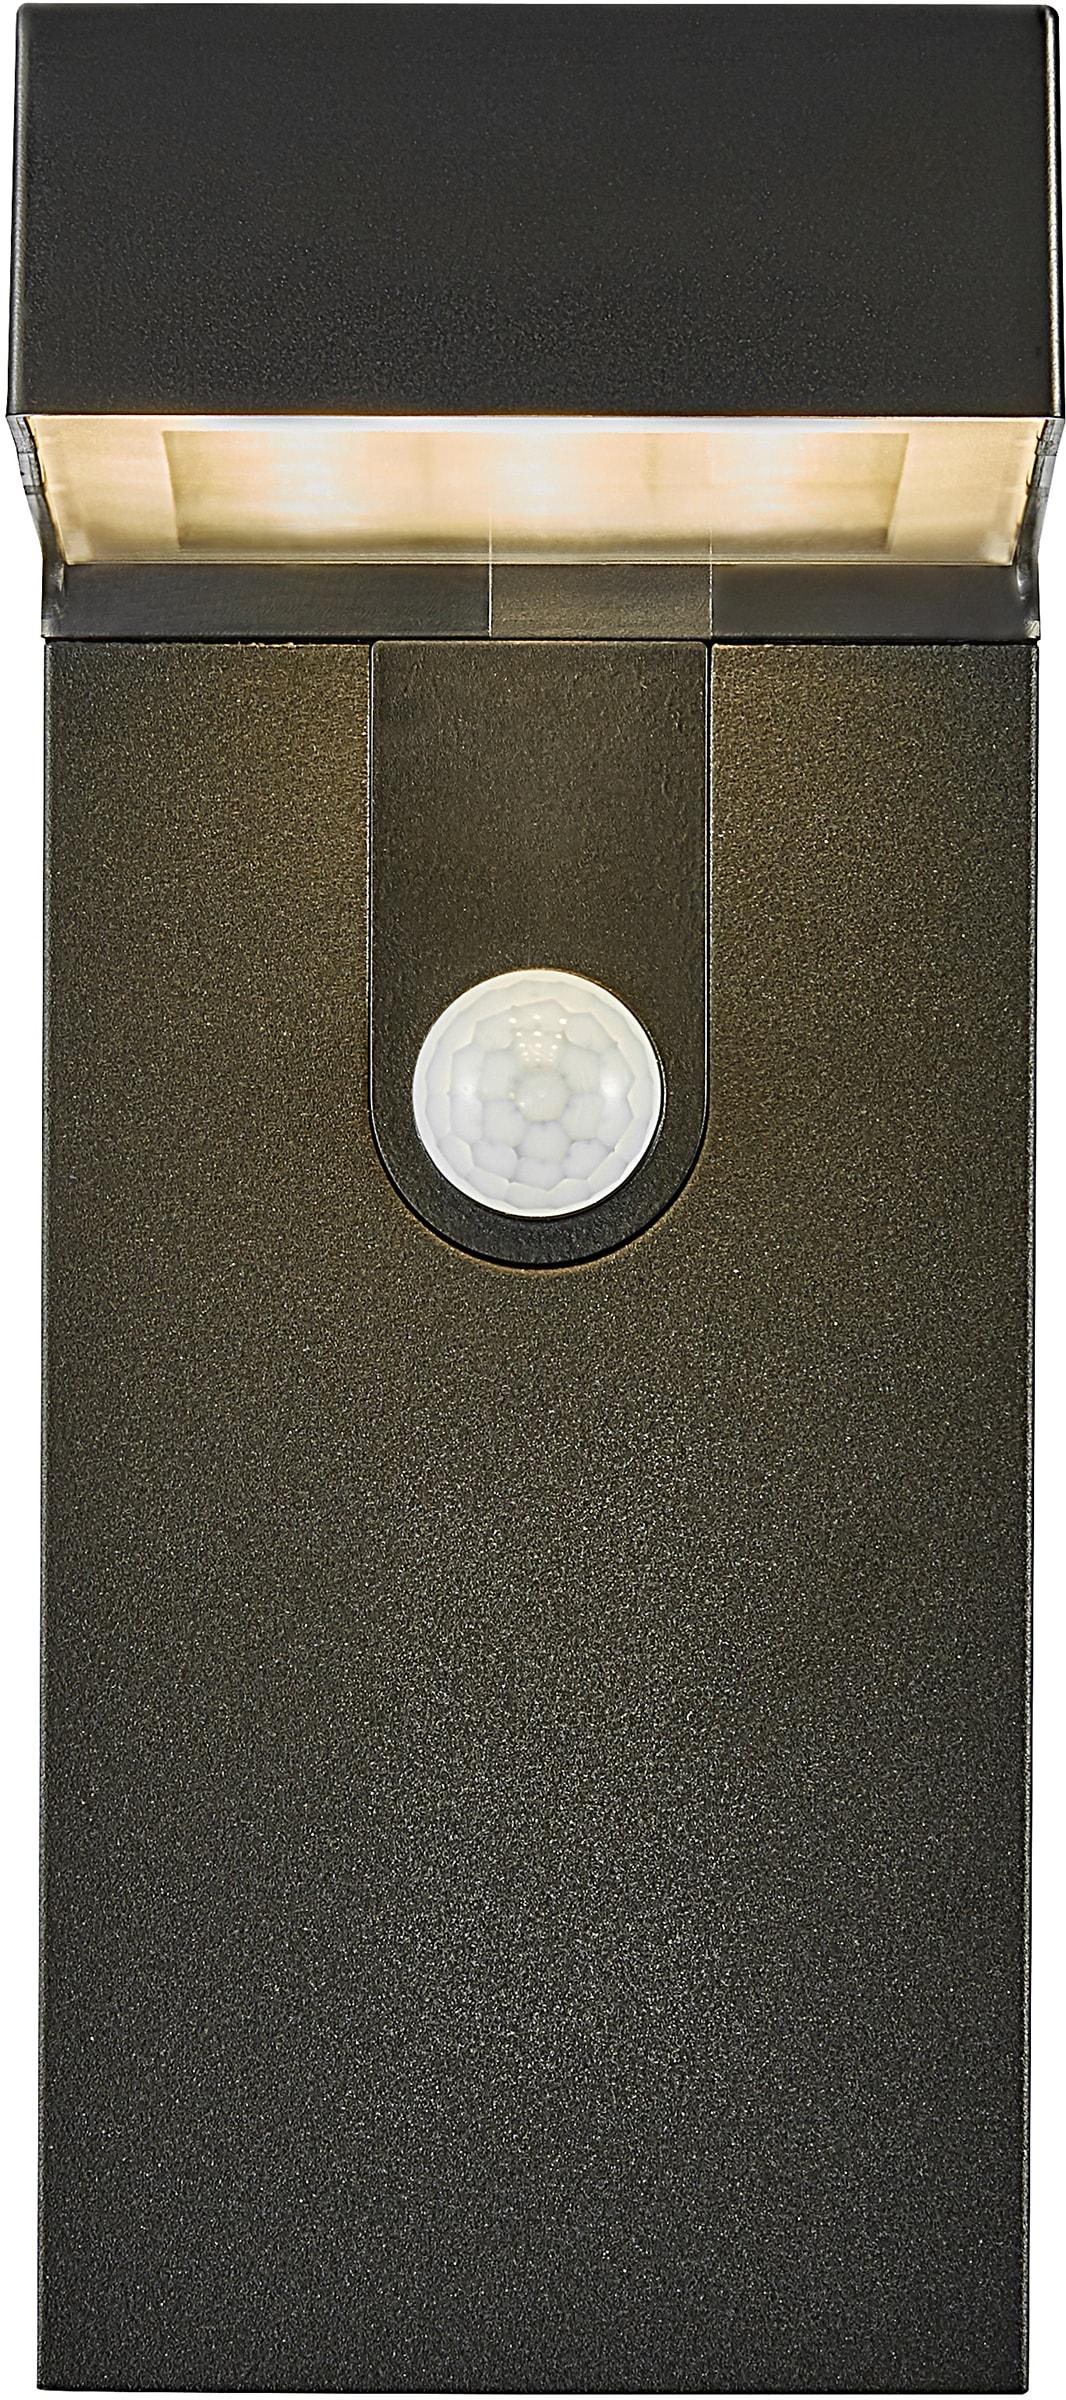 Nordlux LED Außen-Wandleuchte ALYA, LED-Modul, 5 Jahre Garantie auf die LED/ Solar Modul